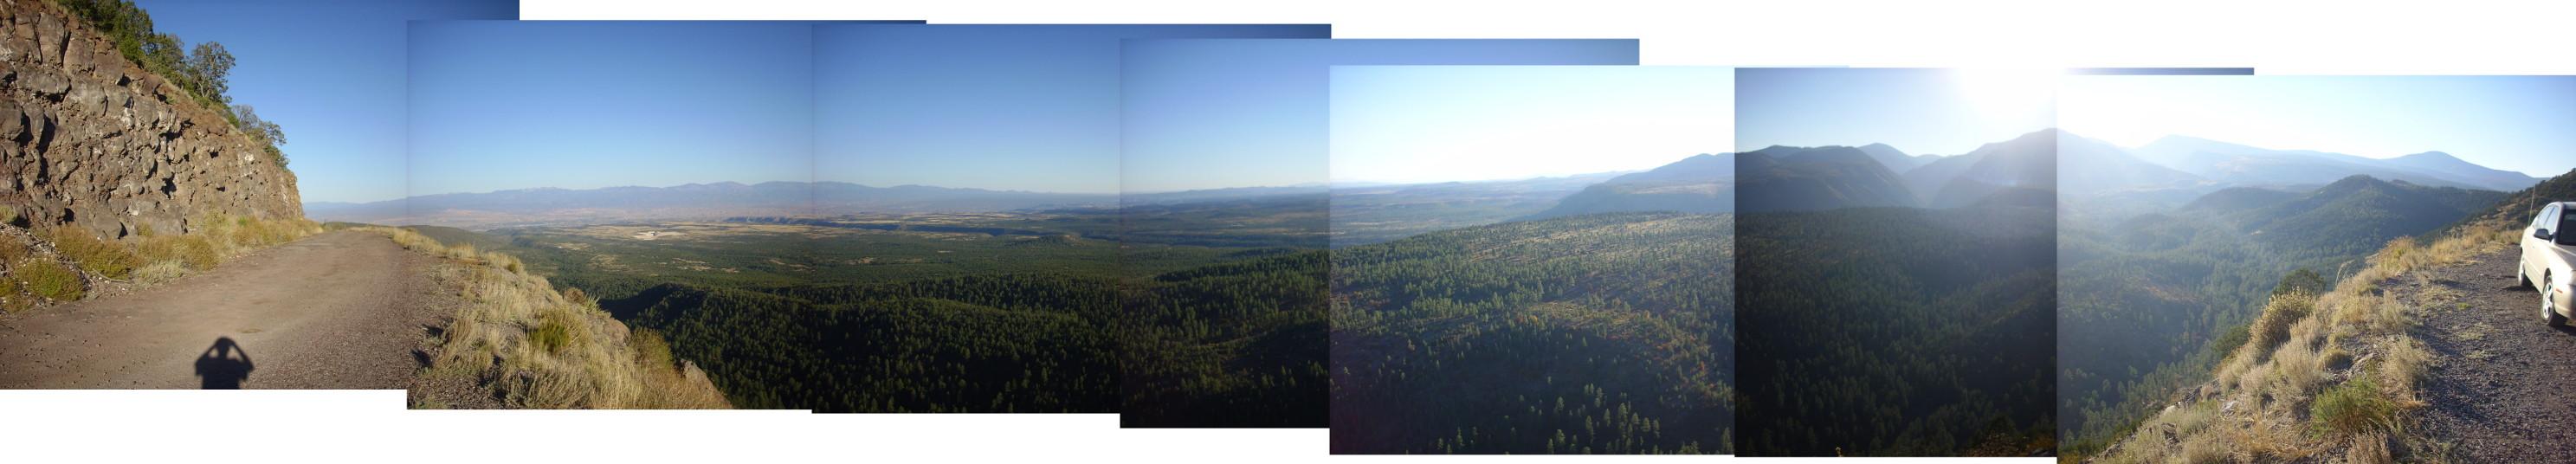 Clara Peak panorama